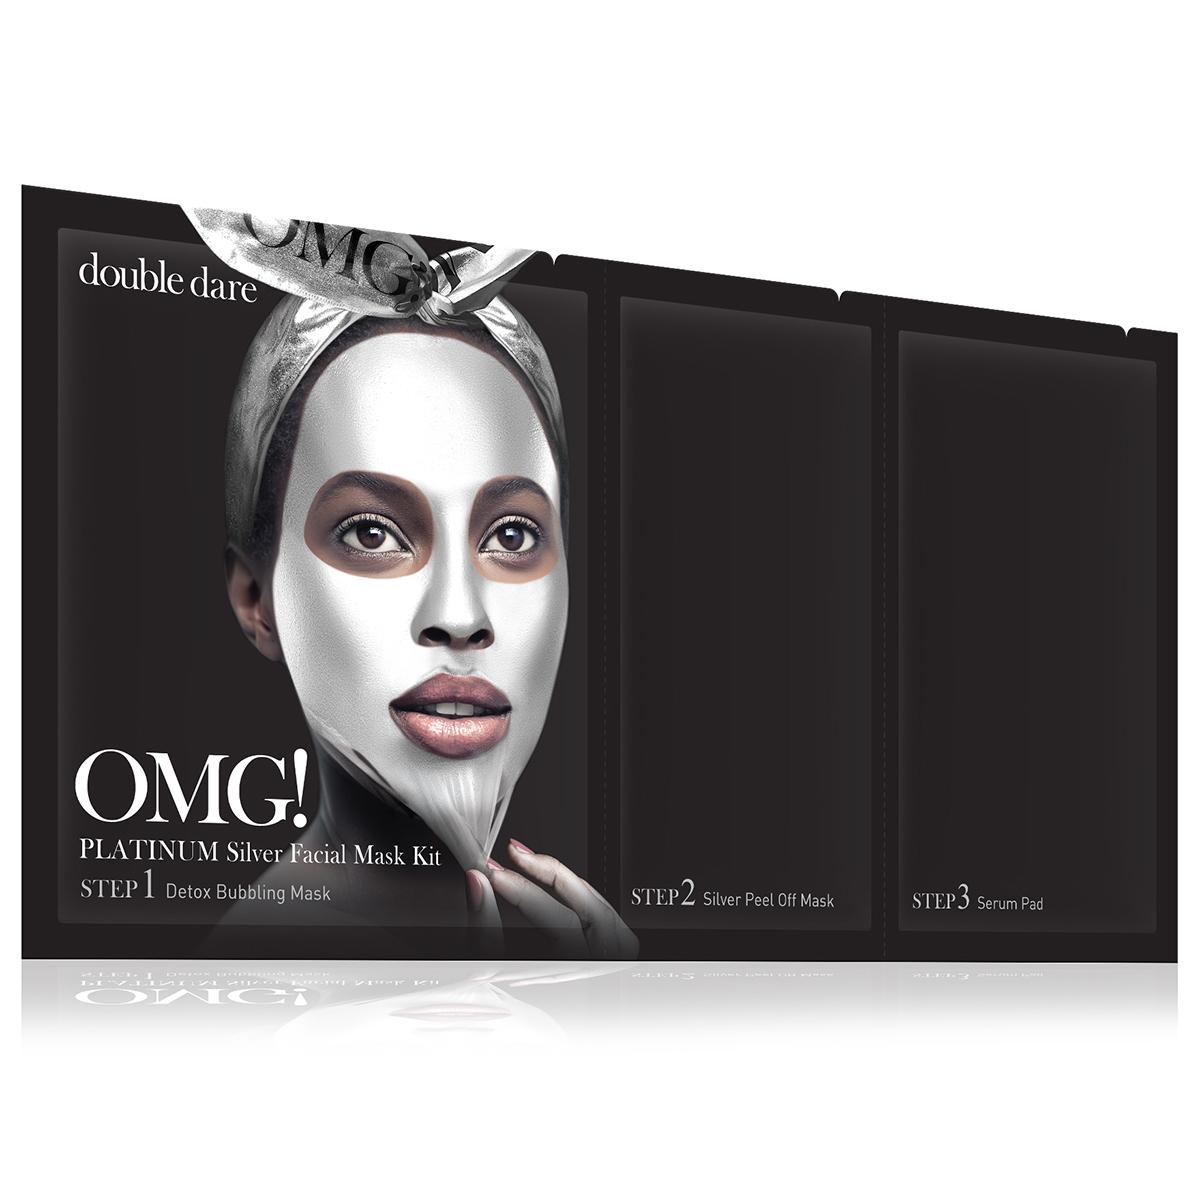 Double Dare OMG! Platinum Silver Facial Mask Kit Маска трехкомпонентная для ухода за кожей лица серебряная011890Яркая маска серии Double Dare OMG! Platinum разработана с использованием передовых технологий по очищению лица и уникального состава компонентов.Маска глубоко очищает и увлажняет кожу, придает коже мягкость и свежесть, обладает антивозрастным эффектом.Отличительной чертой серебряной маски является присутствие в составе жемчуга и алмаза для отбеливания и восстановления кожи.Три простых шага для глубокого очищения, улучшения цвета и общего состояния кожи лица!Шаг 1. Детокс кислородная маска для глубокого очищения.Кислородная маска-детокс аккуратно очищает кожу и придает лицу свежесть и сияние.Способ применения:Нанесите маску на кожу до или после снятия макияжа. Оставьте маску на лице на 1-3 минуты. Тщательно смойте маску водой и высушите лицо.Состав:Water, Glycerin, Cocamidopropyl Betaine, Dipropylene Glycol, Disiloxane, Methyl Perfluorobutyl Ether, Water, Methyl Perfluoroisobutyl Ether, Butylene Glycol, Sodium Cocoyl Apple Amino Acids, Hexylene Glycol, Hydroxyethylcellulose, 1,2-Hexanediol, Sodium Chloride, Ethylhexylglycerin, Disodium EDTA, Phenoxyethanol, Fragrance.Шаг 2. Очищающая маска-пленка.Нежная маска-пленка с жемчугом и алмазом для отбеливания и восстановления кожи.Способ применения:Нанесите тонкий ровный слой маски на лицо. Оставьте маску на лице на 20-30 минут до полного высыхания. Очистите лицо от маски.Состав:Water, Polyvinyl Alcohol, Alcohol, Dipropylene Glycol, Mica, Titanium Dioxide, Synthetic Fluorphlogopite, Polysorbate 20, Xanthan Gum, Butylene Glycol, Glycerin, Polymethylsilsesquioxane, Isohexadecane, Dimethicone, Steareth-21, Steareth-2, Ficus Carica (Fig) Fruit/Leaf Extract, Ulmus Davidiana Root Extract, Diospyros Kaki Leaf Extract, Houttuynia Cordata Extract, Eriobotrya Japonica Leaf Extract, Laminaria Japonica Extract, Chlorella Vulgaris Extract, Undaria Pinnatifida Extract, PEG-40 Stearate, Cetearyl Methicone, Montmorillonite, Iron 